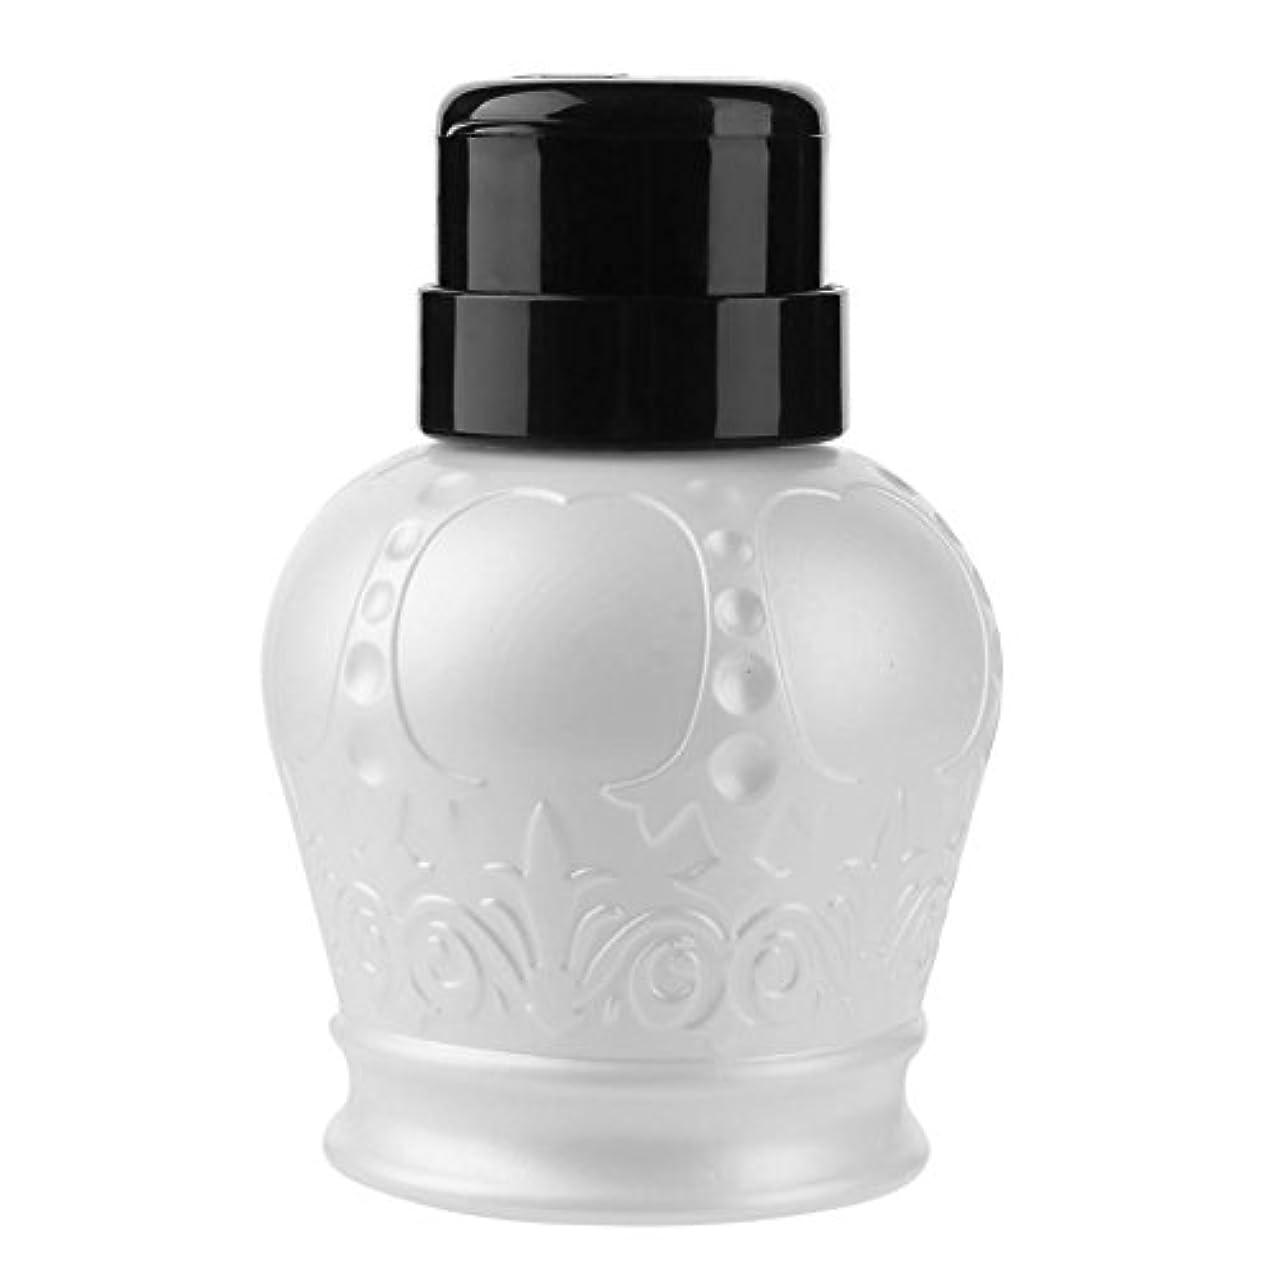 火薬海里研磨剤Demiawaking 詰め替え容器  乳液  化粧水  コンディショナー クリーム シャンプー 調味料入れ ホテル 旅行用品  出張用 多機能